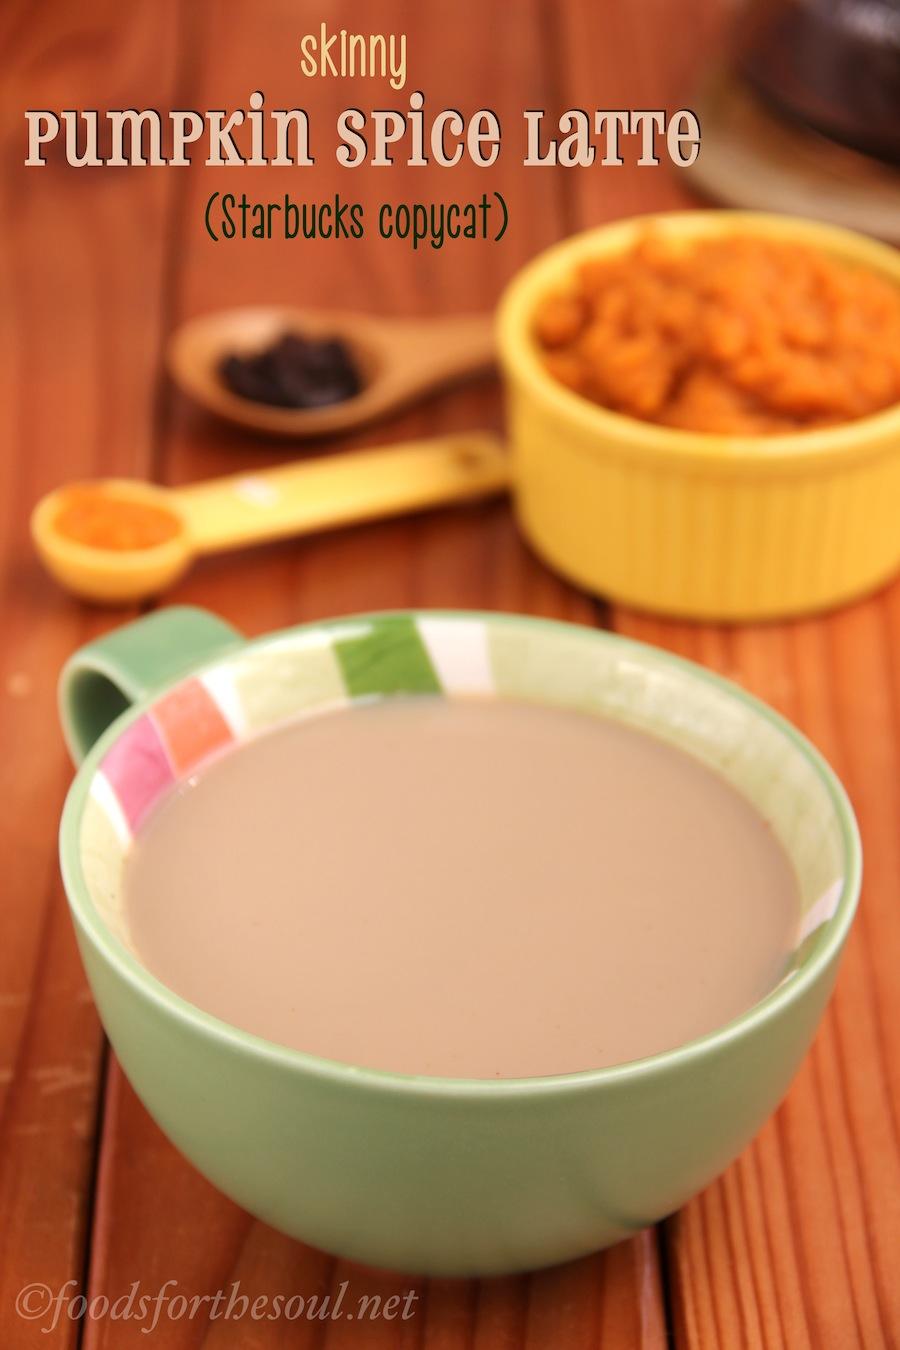 Skinny Pumpkin Spice Latte | Amy's Healthy Baking